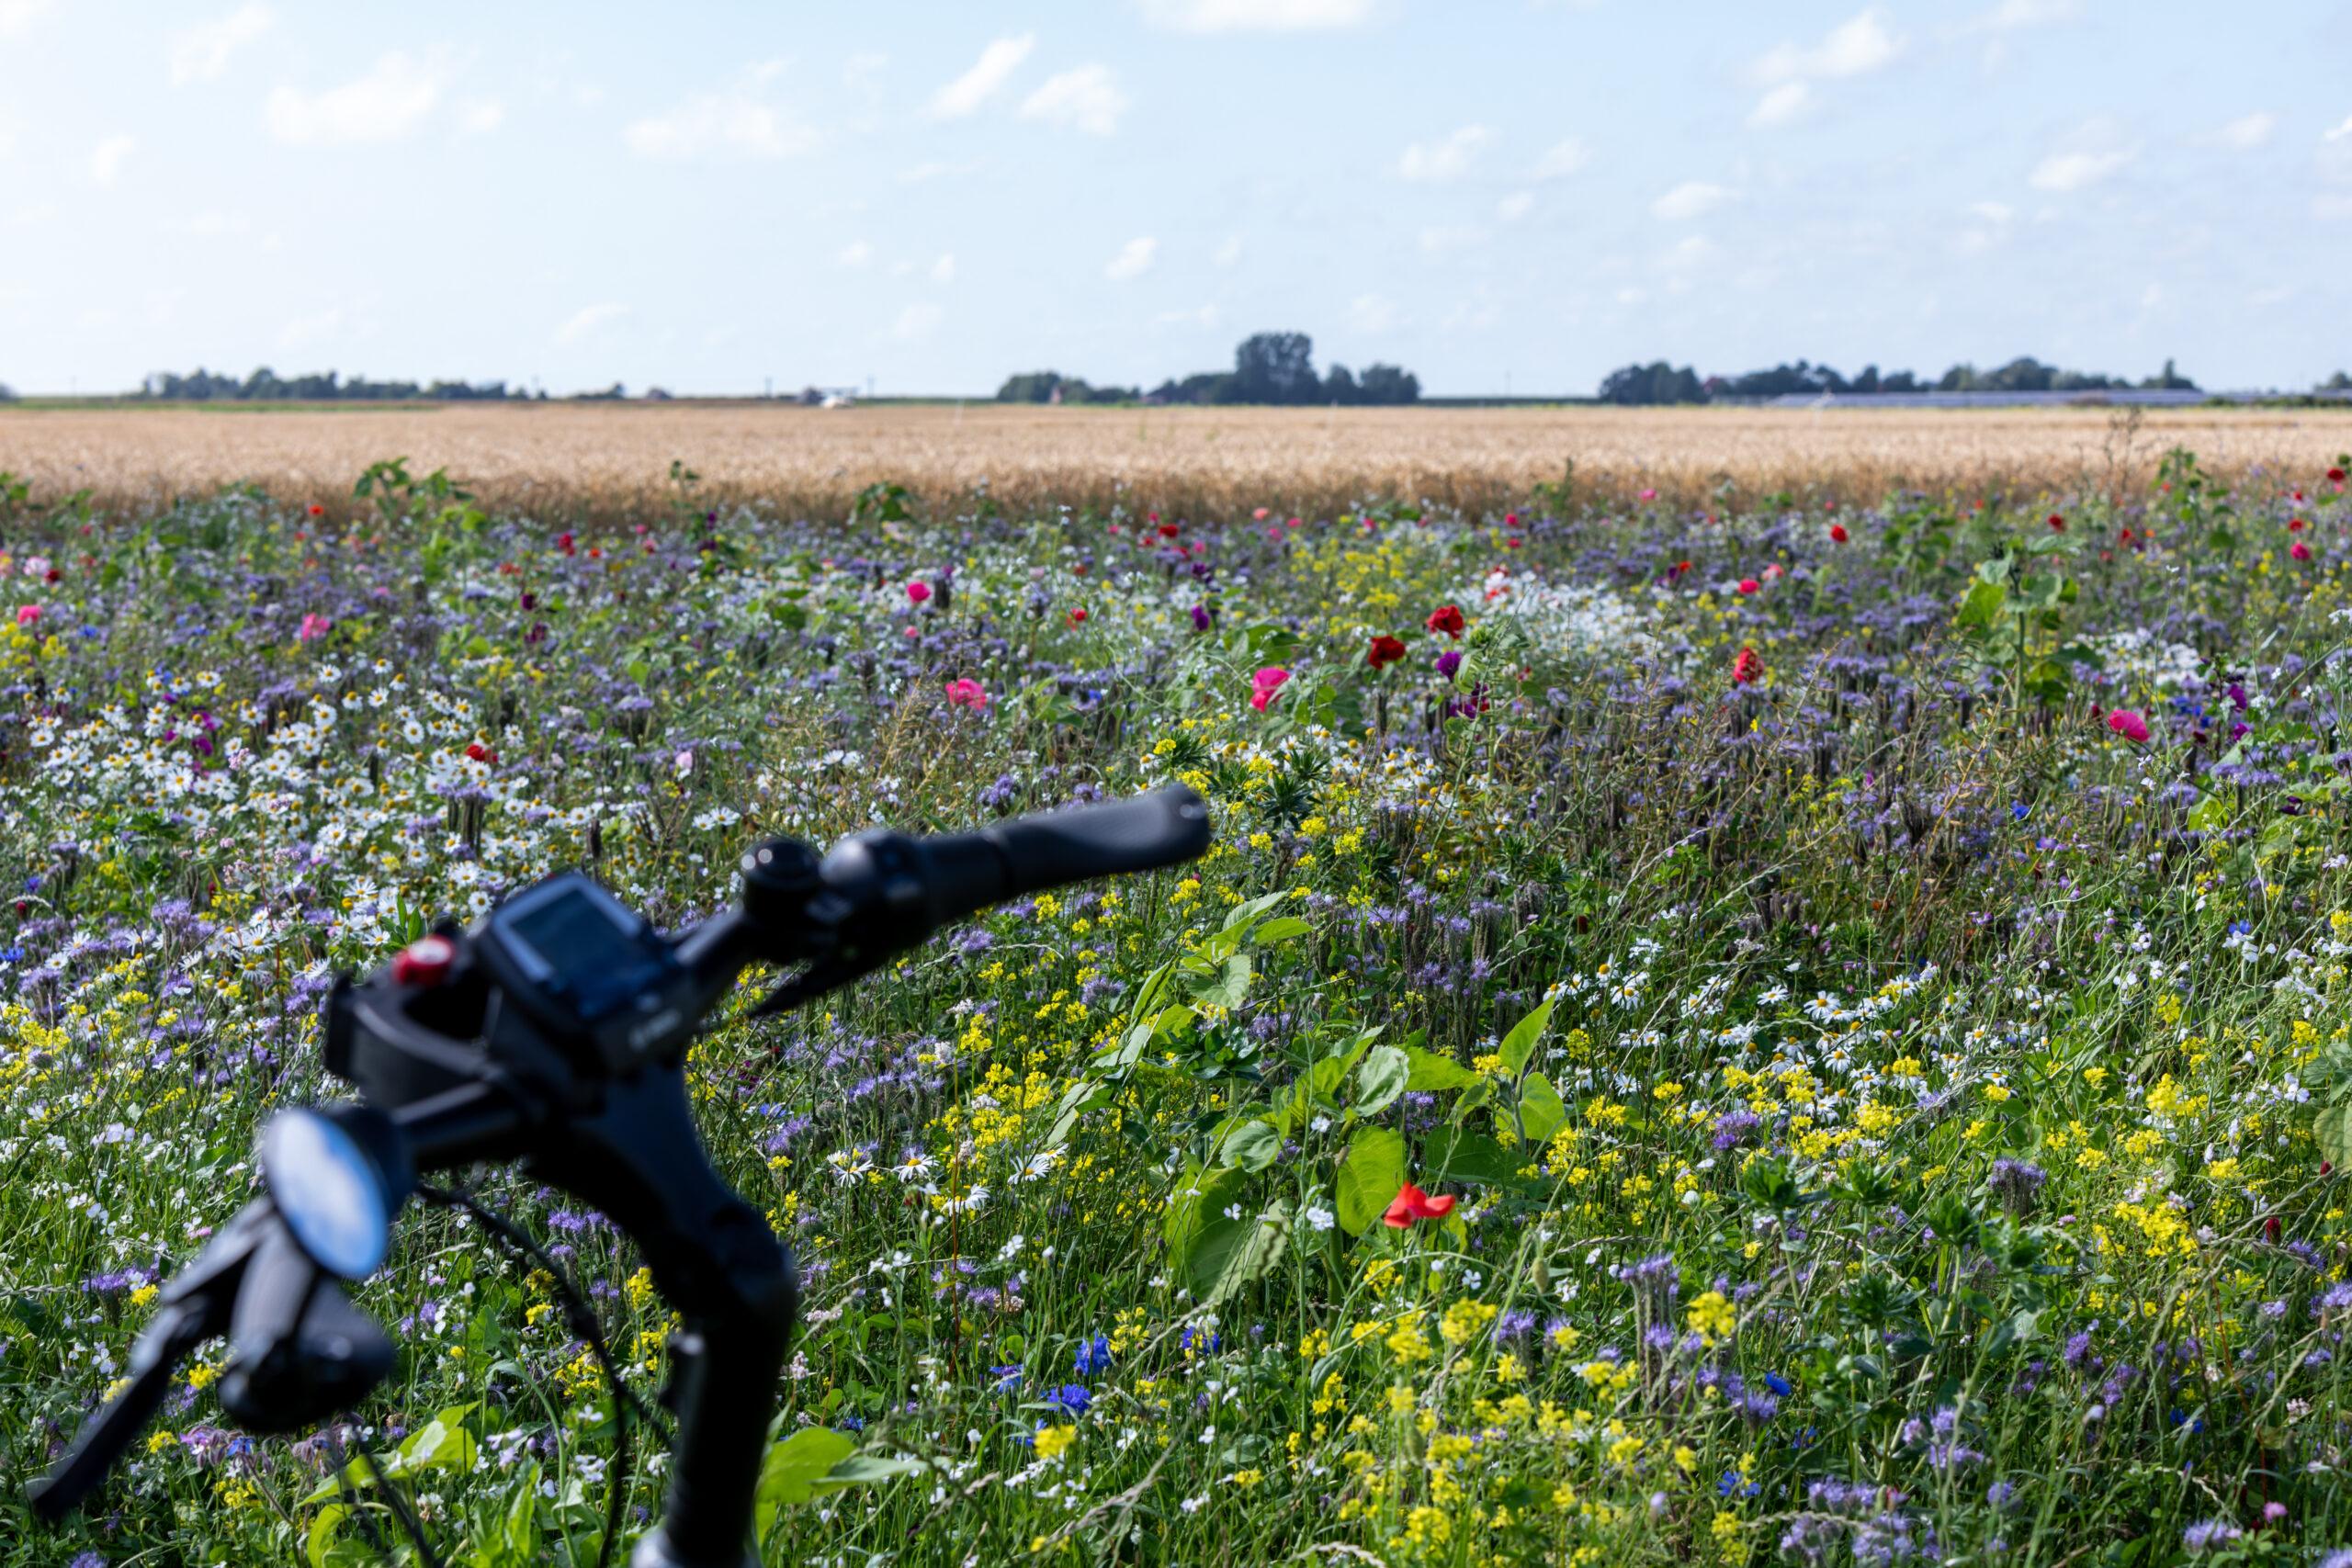 Blumenwiese mit Fahrradlenker